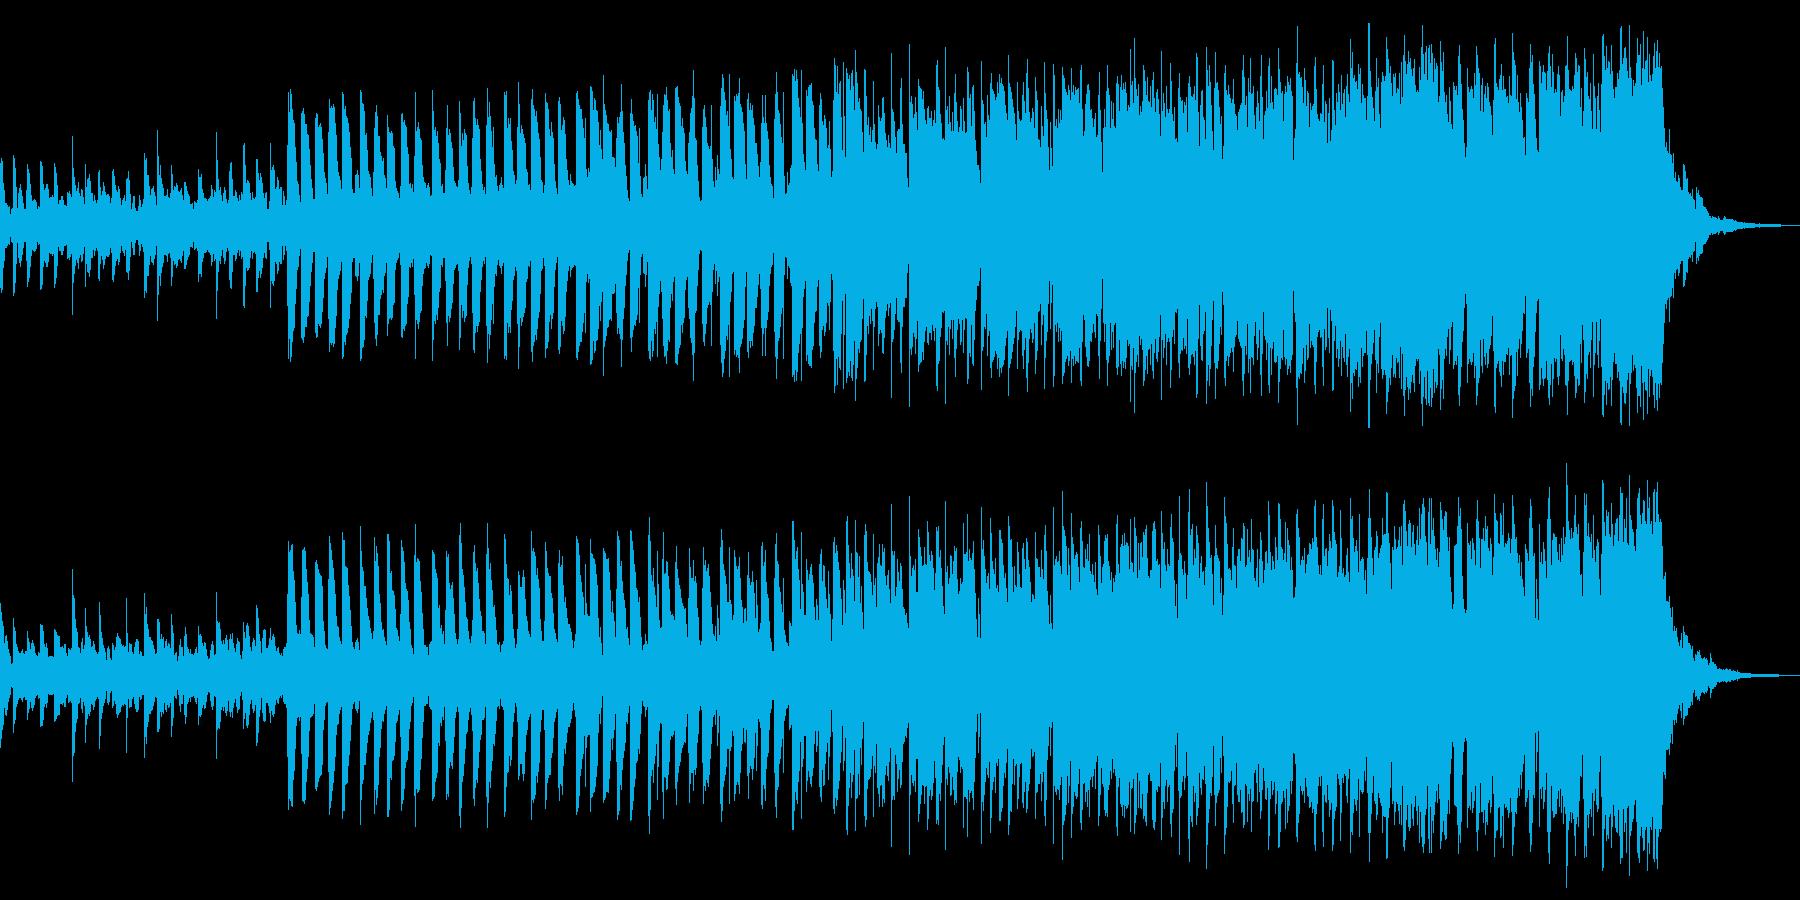 エレクトロな入場曲の再生済みの波形